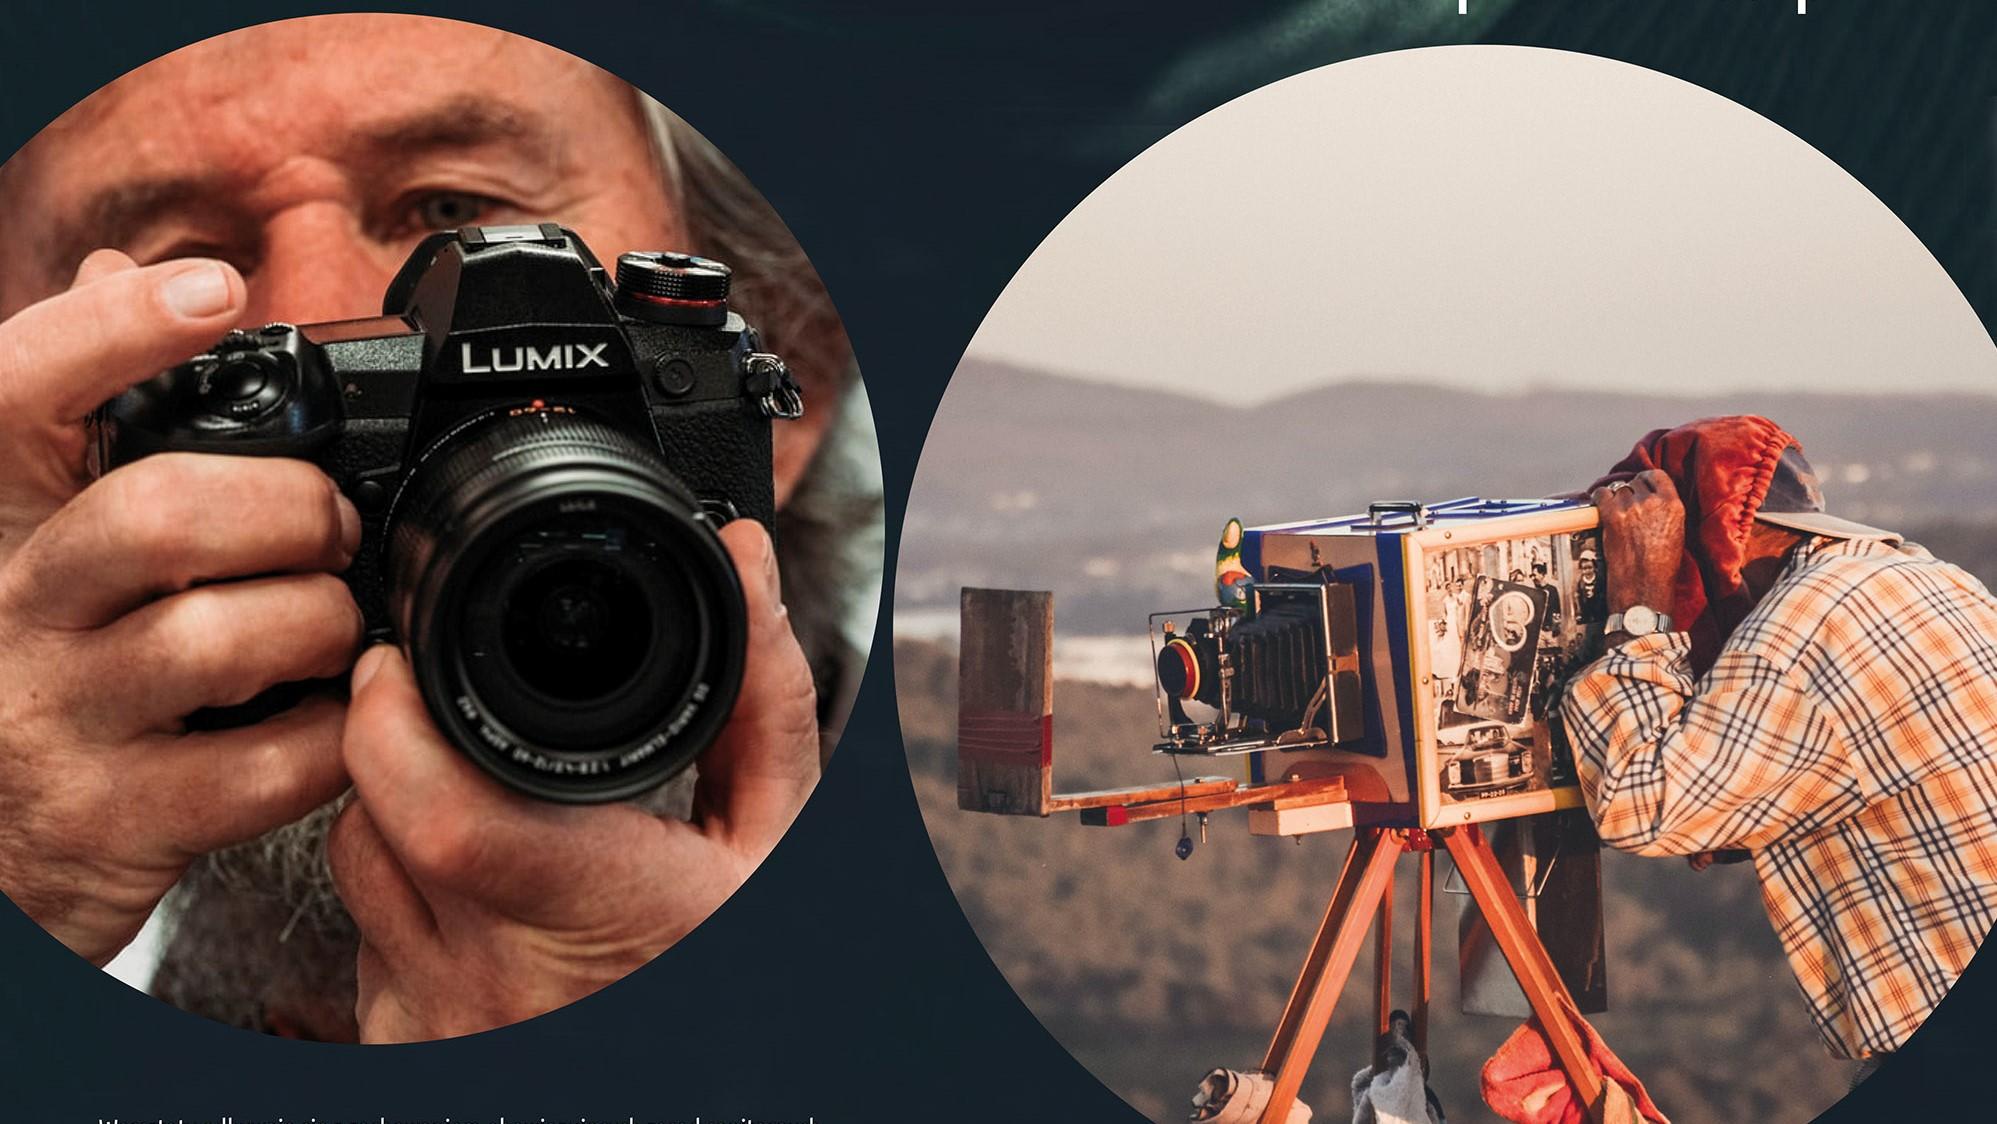 mężczyzna trzymający aparat i osoba wykonująca zdjęcie przy pomocy zabytkowego aparatu